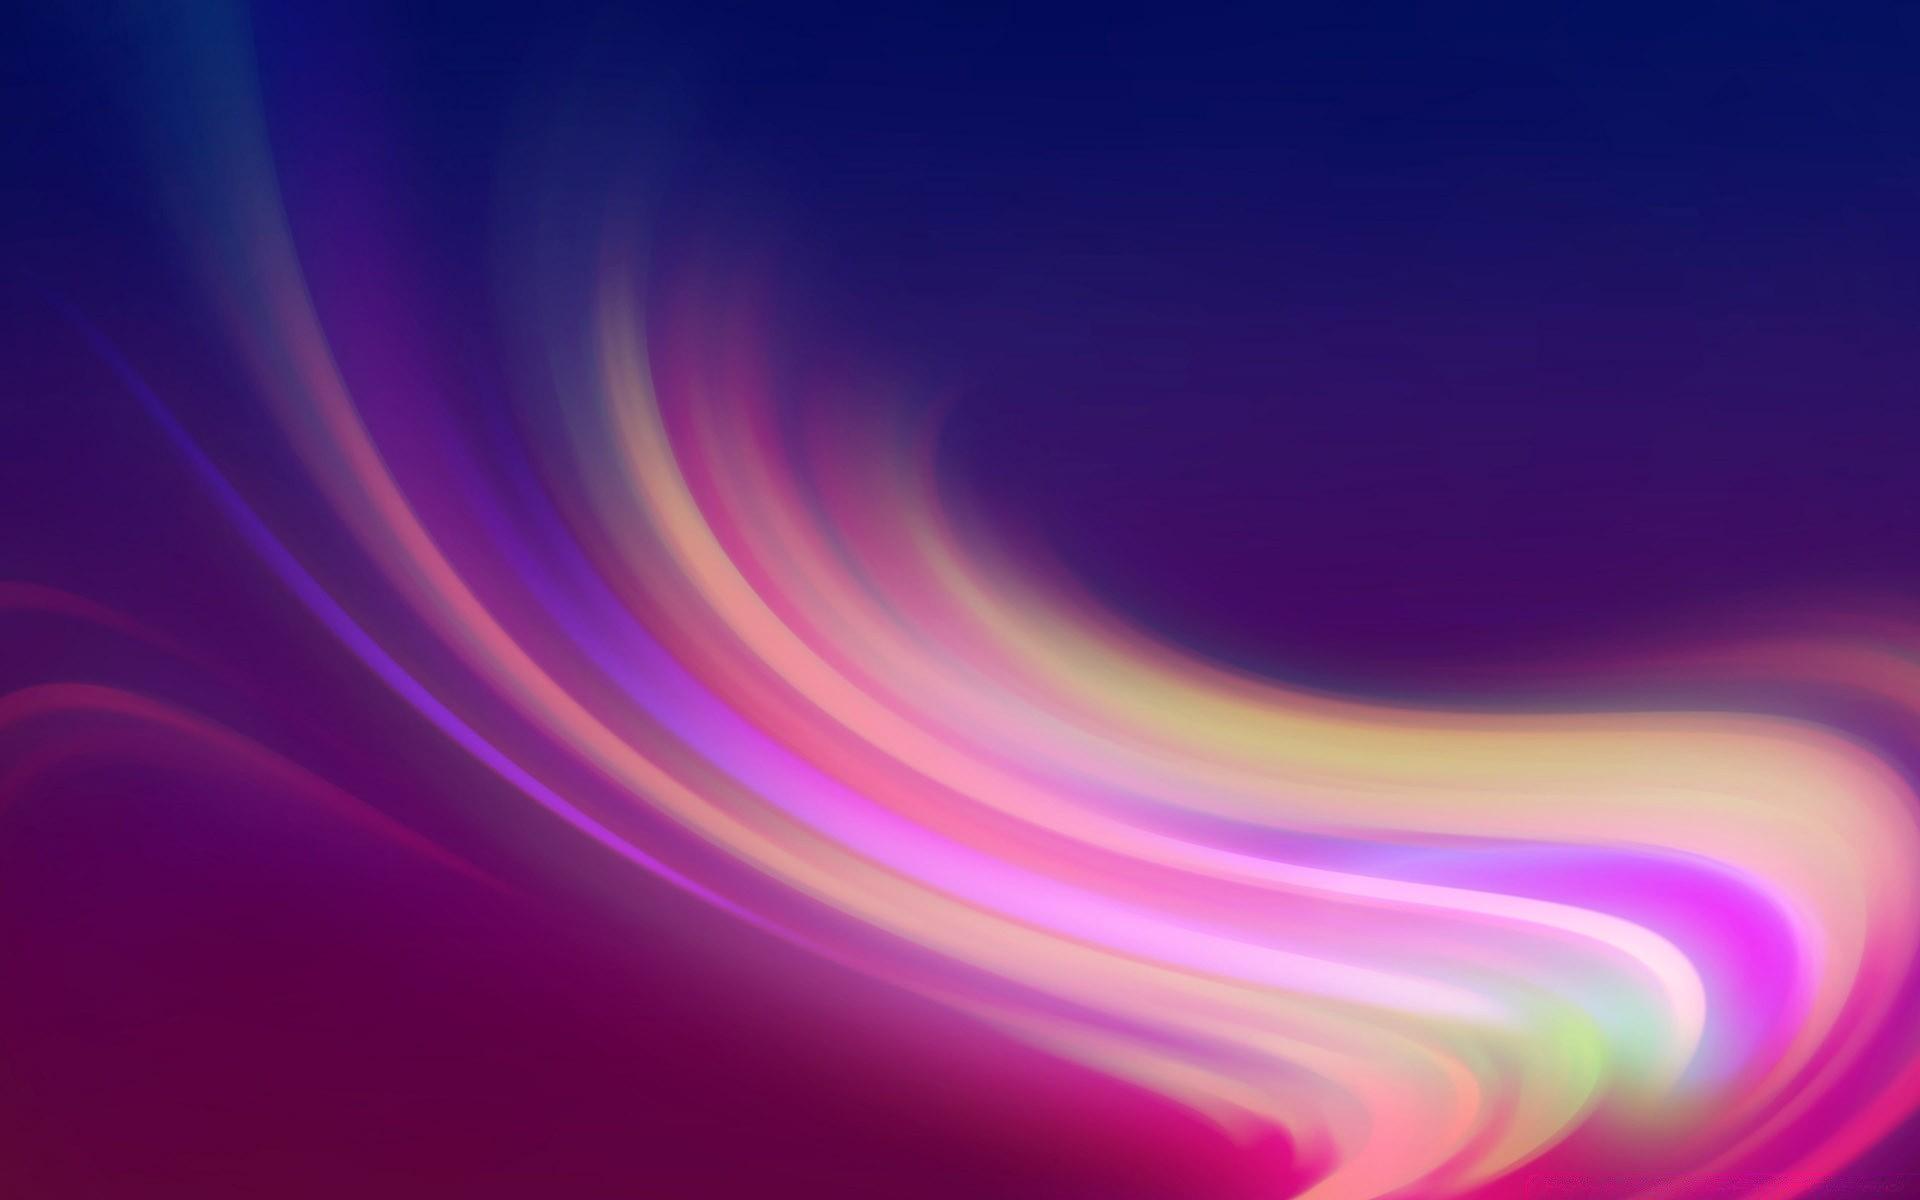 Век, картинки фиолетовый фон для фотошопа